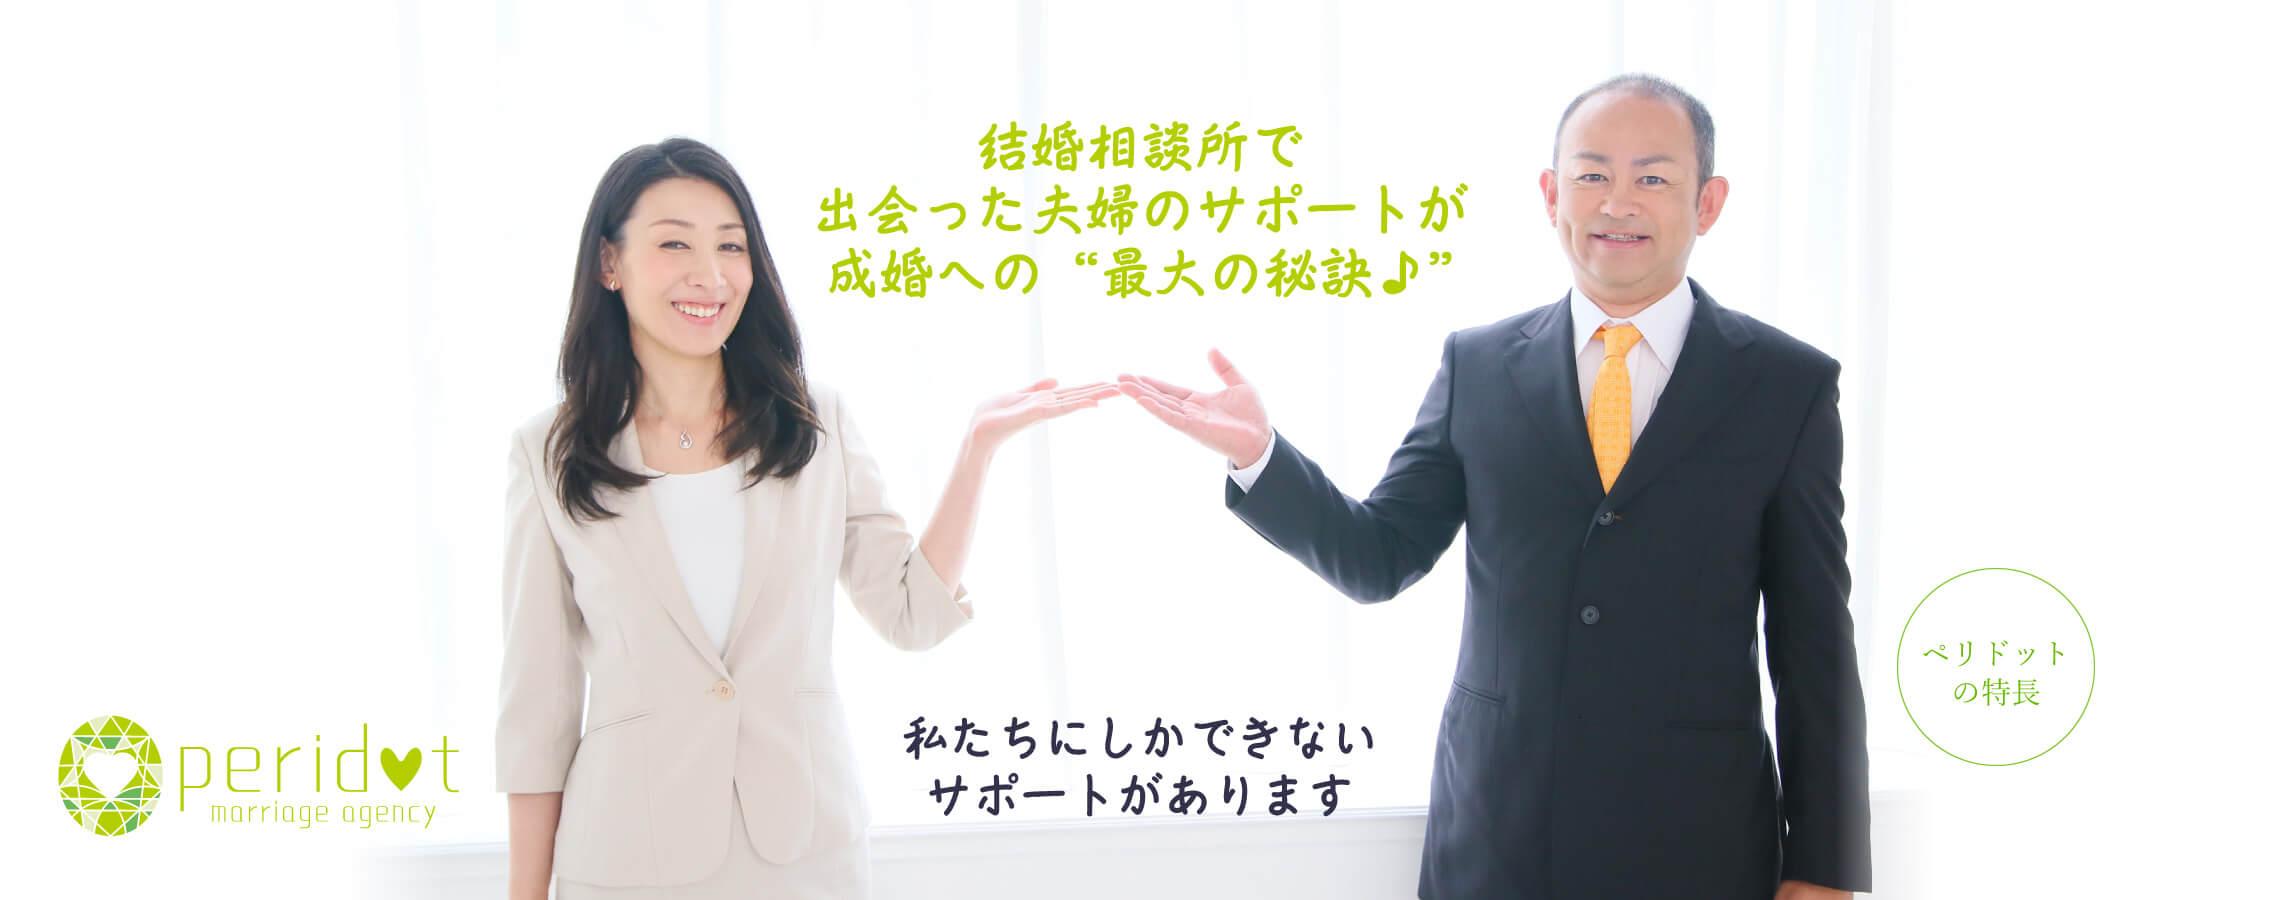 """結婚相談所で出会った夫婦のサポートが成婚への""""最大の秘訣♪"""""""